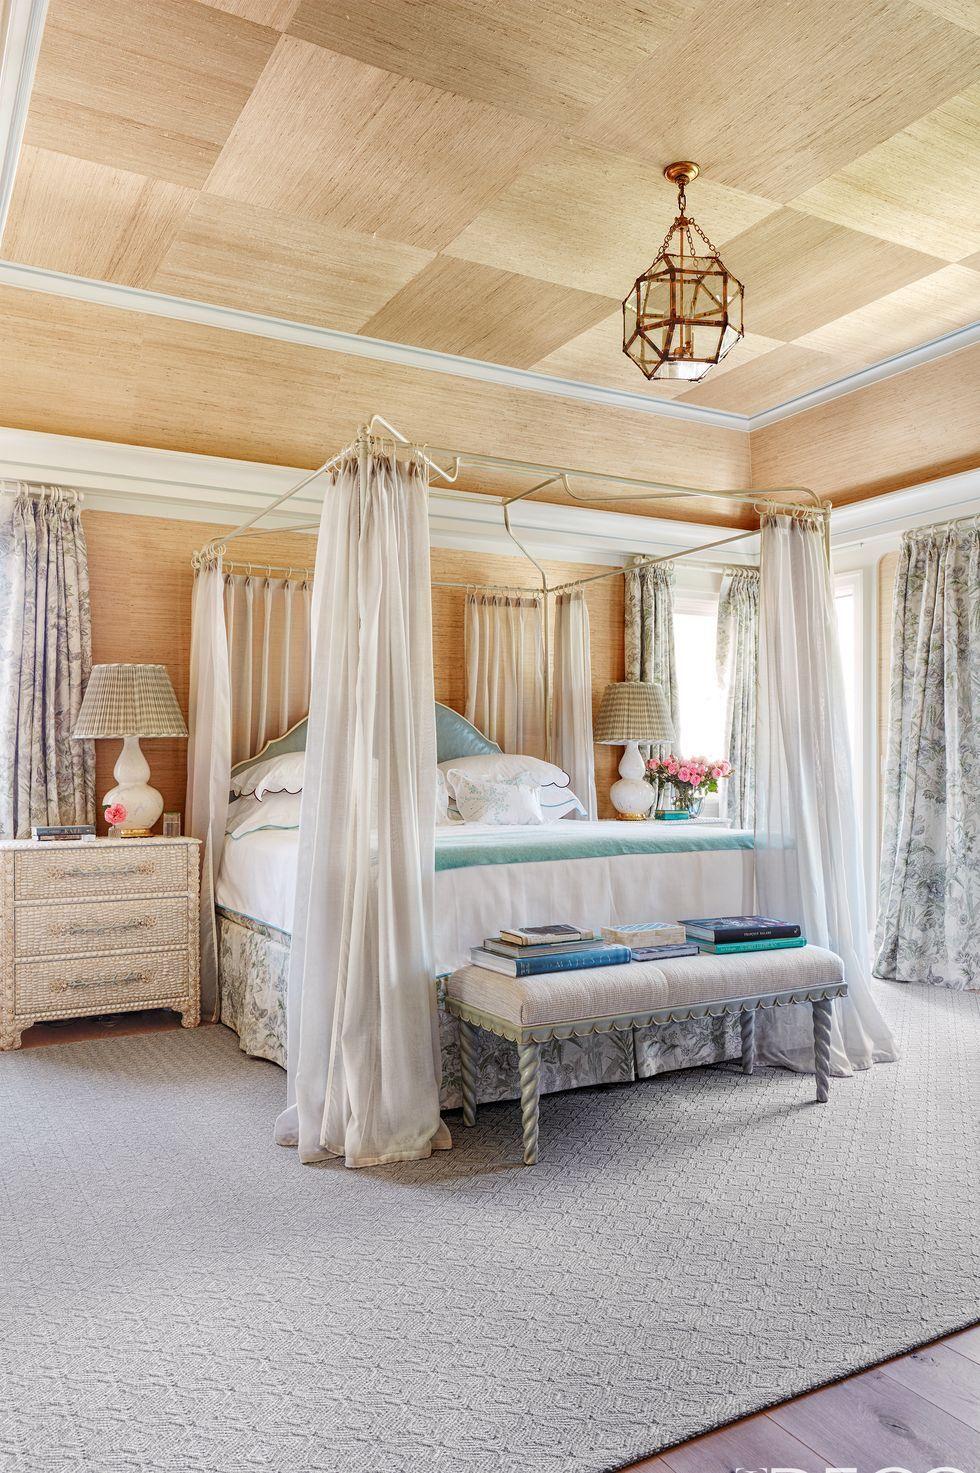 Bed, Furniture, Bedroom, Canopy bed, Room, Interior design, Ceiling, Property, Bed frame, Bed sheet,